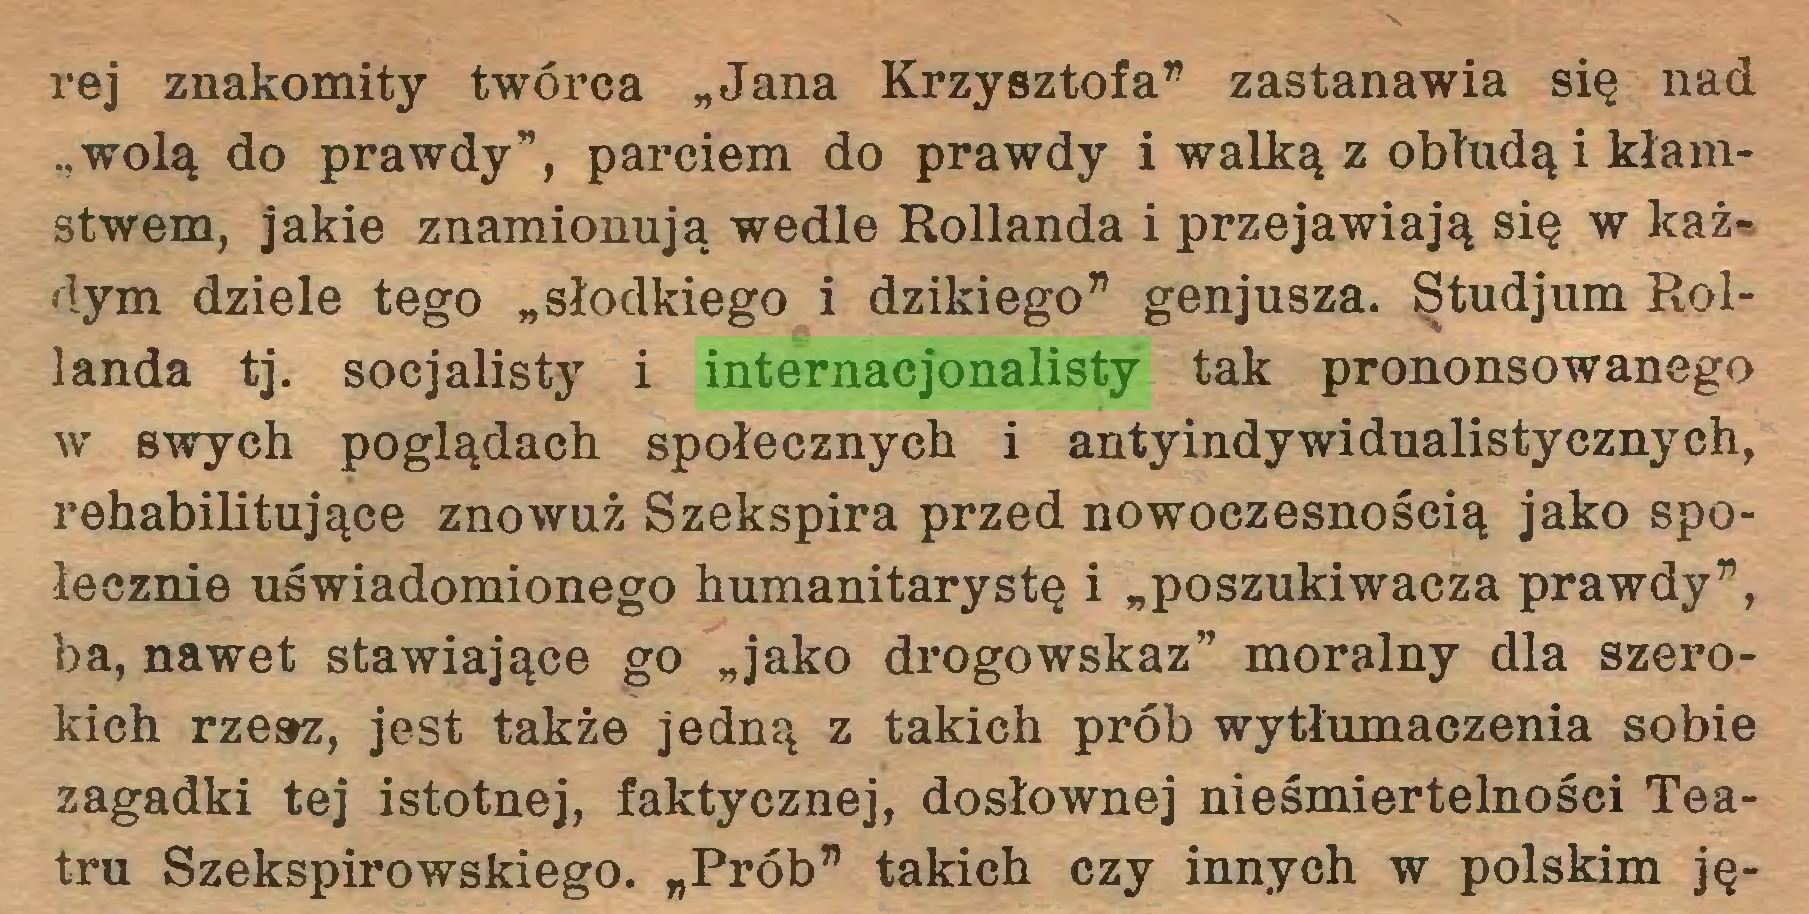 """(...) rej znakomity twórca """"Jana Krzysztofa"""" zastanawia się nad """"wolą do prawdy"""", parciem do prawdy i walką z obłudą i kłamstwem, jakie znamionują wedle Hollanda i przejawiają się w każdym dziele tego """"słodkiego i dzikiego"""" genjusza. Studjum Rollanda tj. socjalisty i internacjonalisty tak prononsowane go w swych poglądach społecznych i antyindywidualistycznych, rehabilitujące znowuż Szekspira przed nowoczesnością jako społecznie uświadomionego humanitarystę i """"poszukiwacza prawdy"""", ba, nawet stawiające go """"jako drogowskaz"""" moralny dla szerokich rzesz, jest także jedną z takich prób wytłumaczenia sobie zagadki tej istotnej, faktycznej, dosłownej nieśmiertelności Teatru Szekspirowskiego. """"Prób"""" takich czy innych w polskim ję..."""